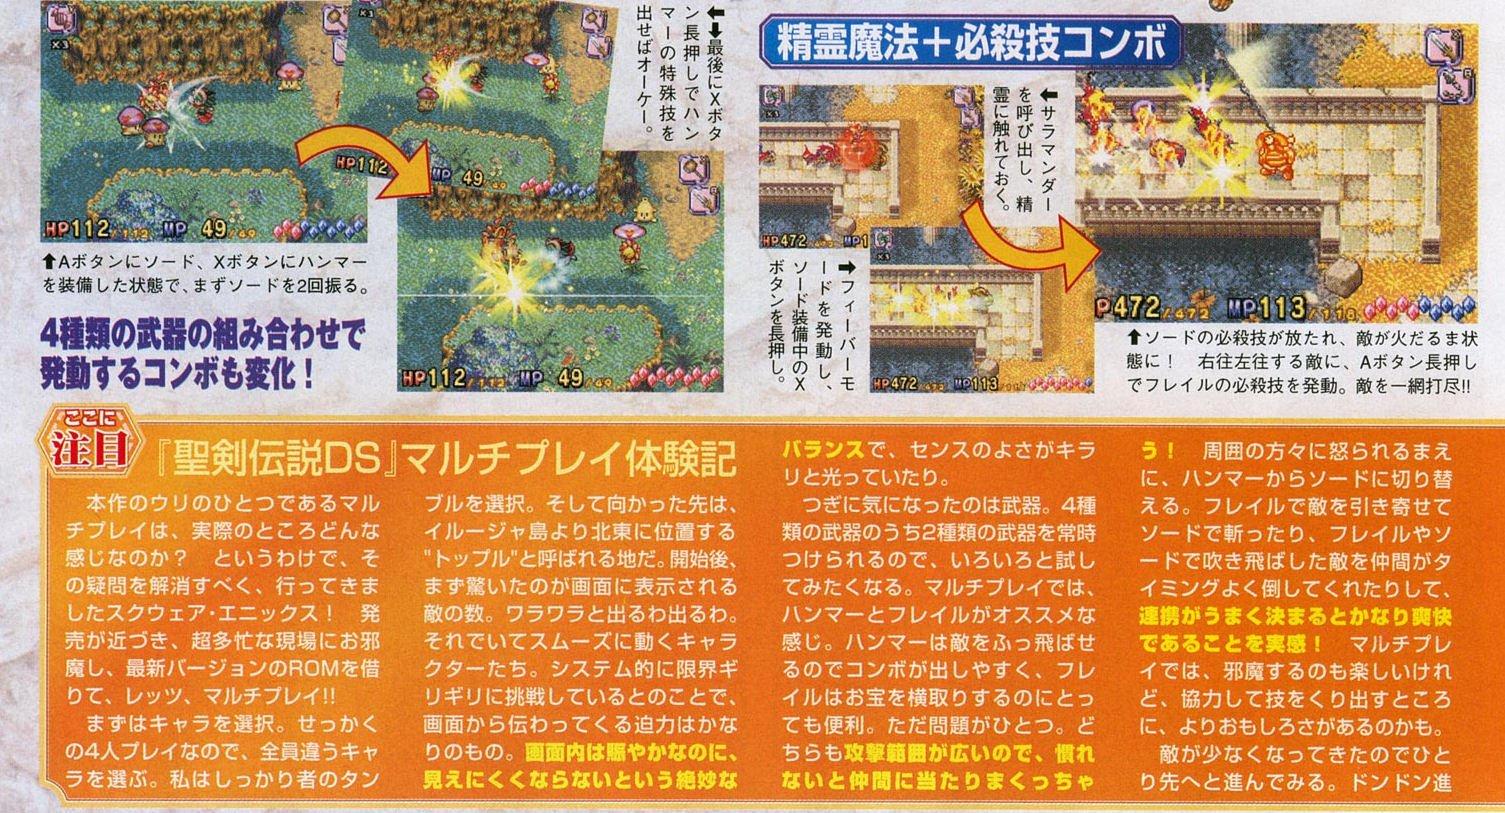 Children of Mana DS: scans